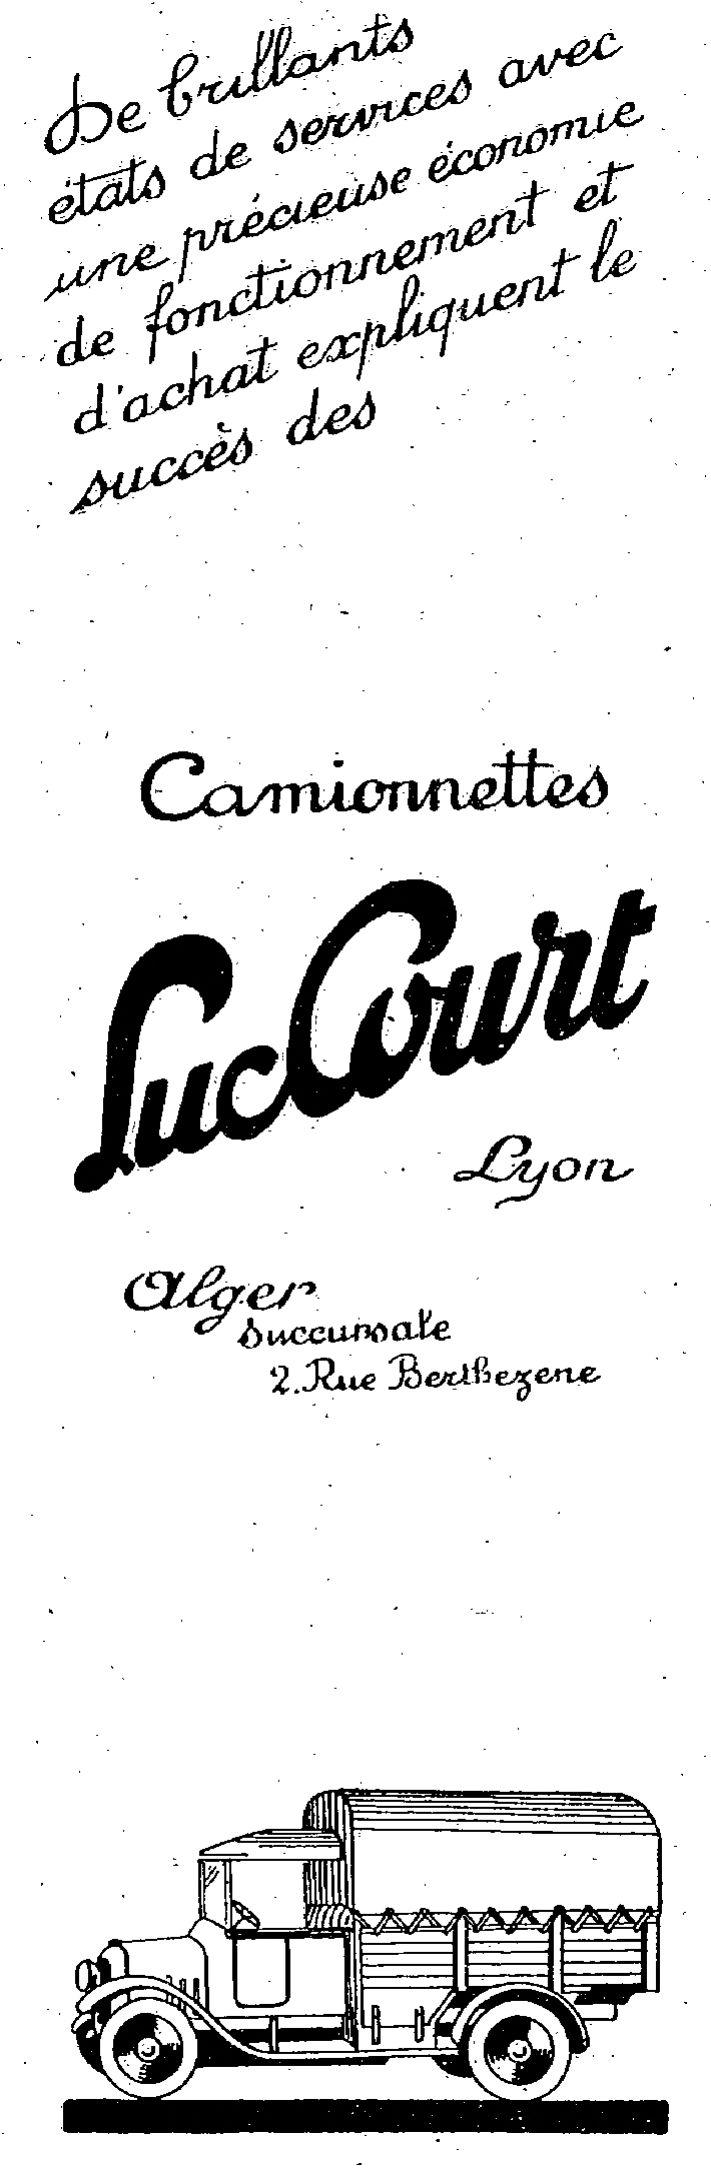 LUC COURT L_aut381